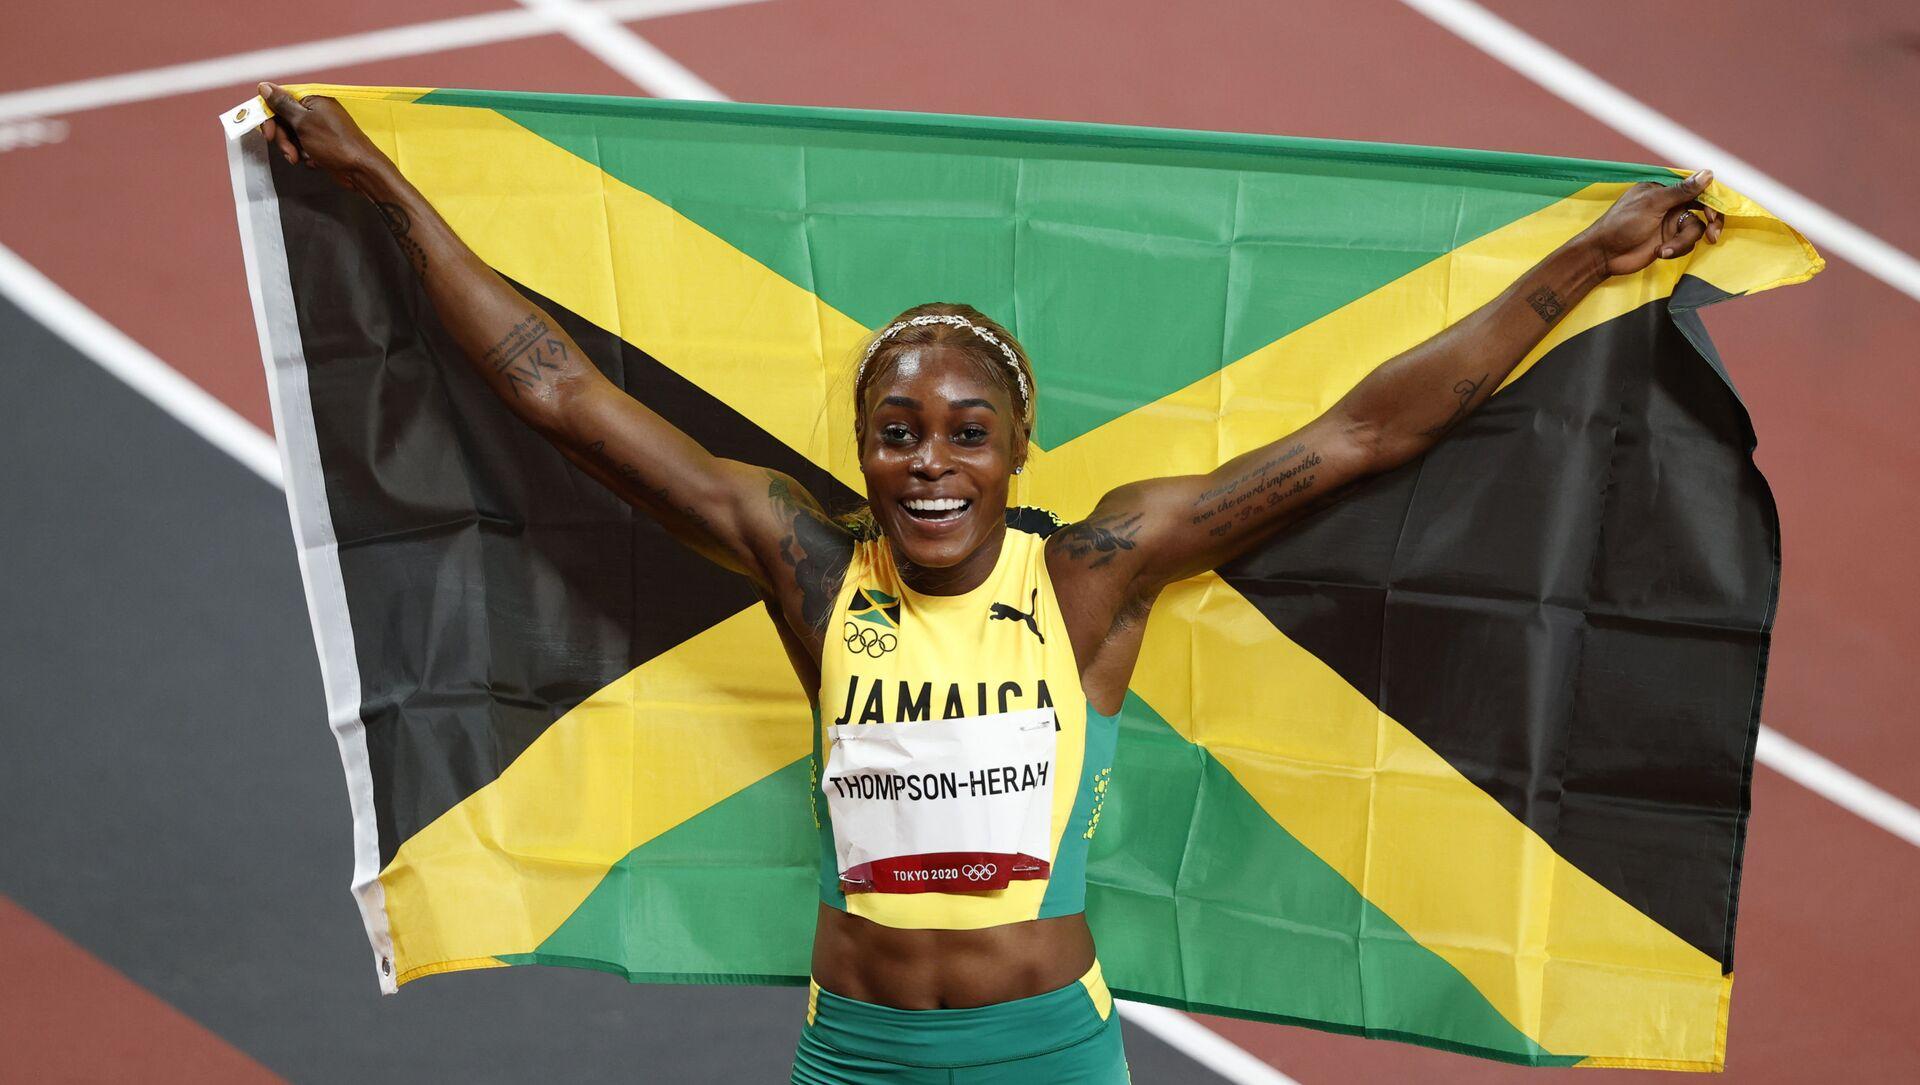 2020 Tokyo Olimpiyat Oyunları'nın sekizinci gününde atletizmde kadınlar 100 metre finalinde Jamaikalı Elaine Thompson, olimpiyat rekoru kırarak altın madalyayı elde etti. - Sputnik Türkiye, 1920, 01.08.2021